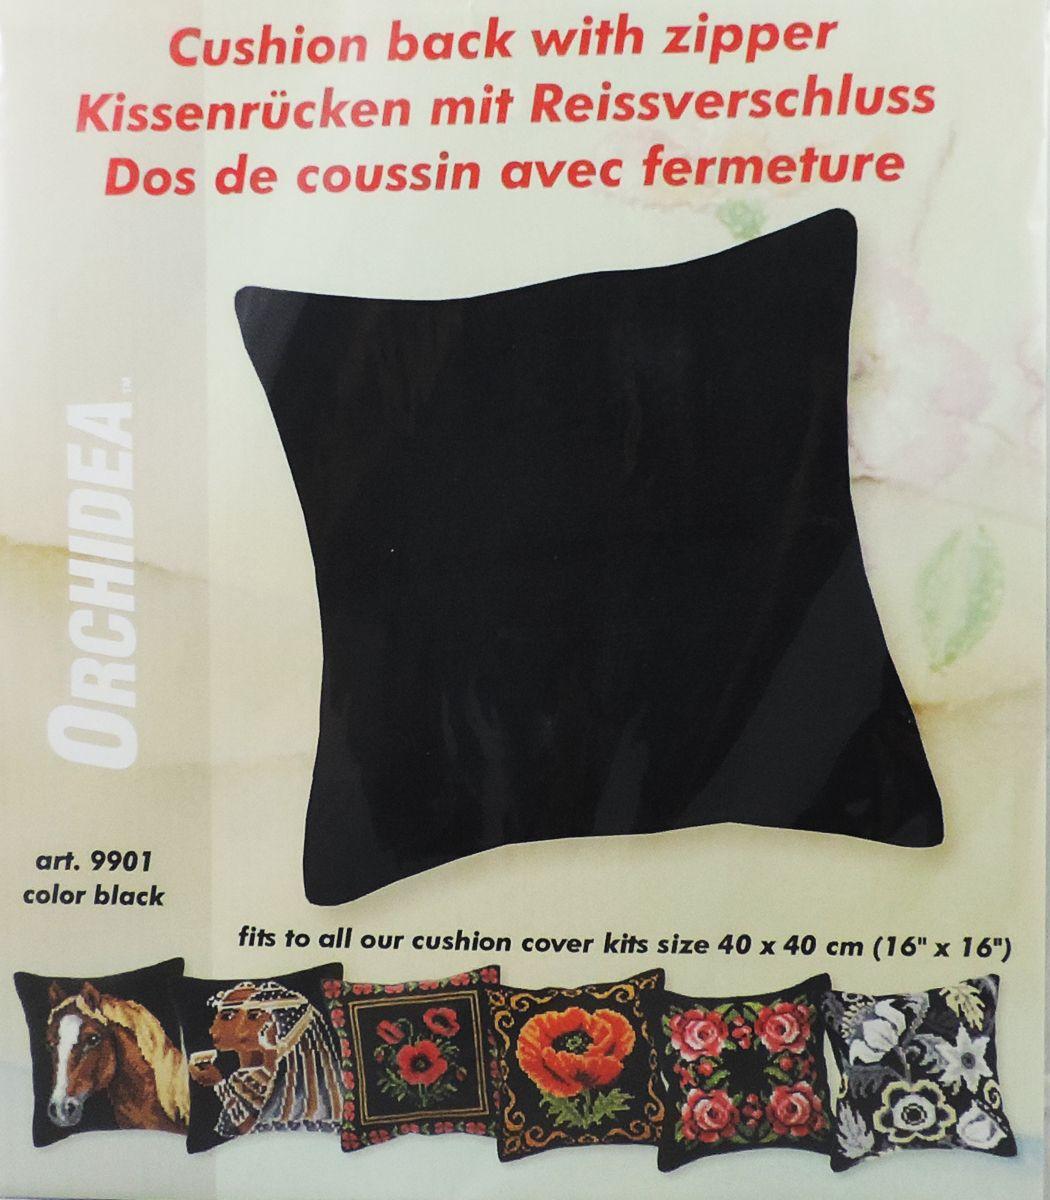 Обратная сторона подушки Orchidea, 45 х 45 см, цвет: черный. 99019901Обратная сторона подушки с уже вшитой молнией. Идеальна для подушек размером 40х40 см. В центре вшит замок-молния, вам останется только пришить ее к декоративной части подушки. Состав: 100% хлопок